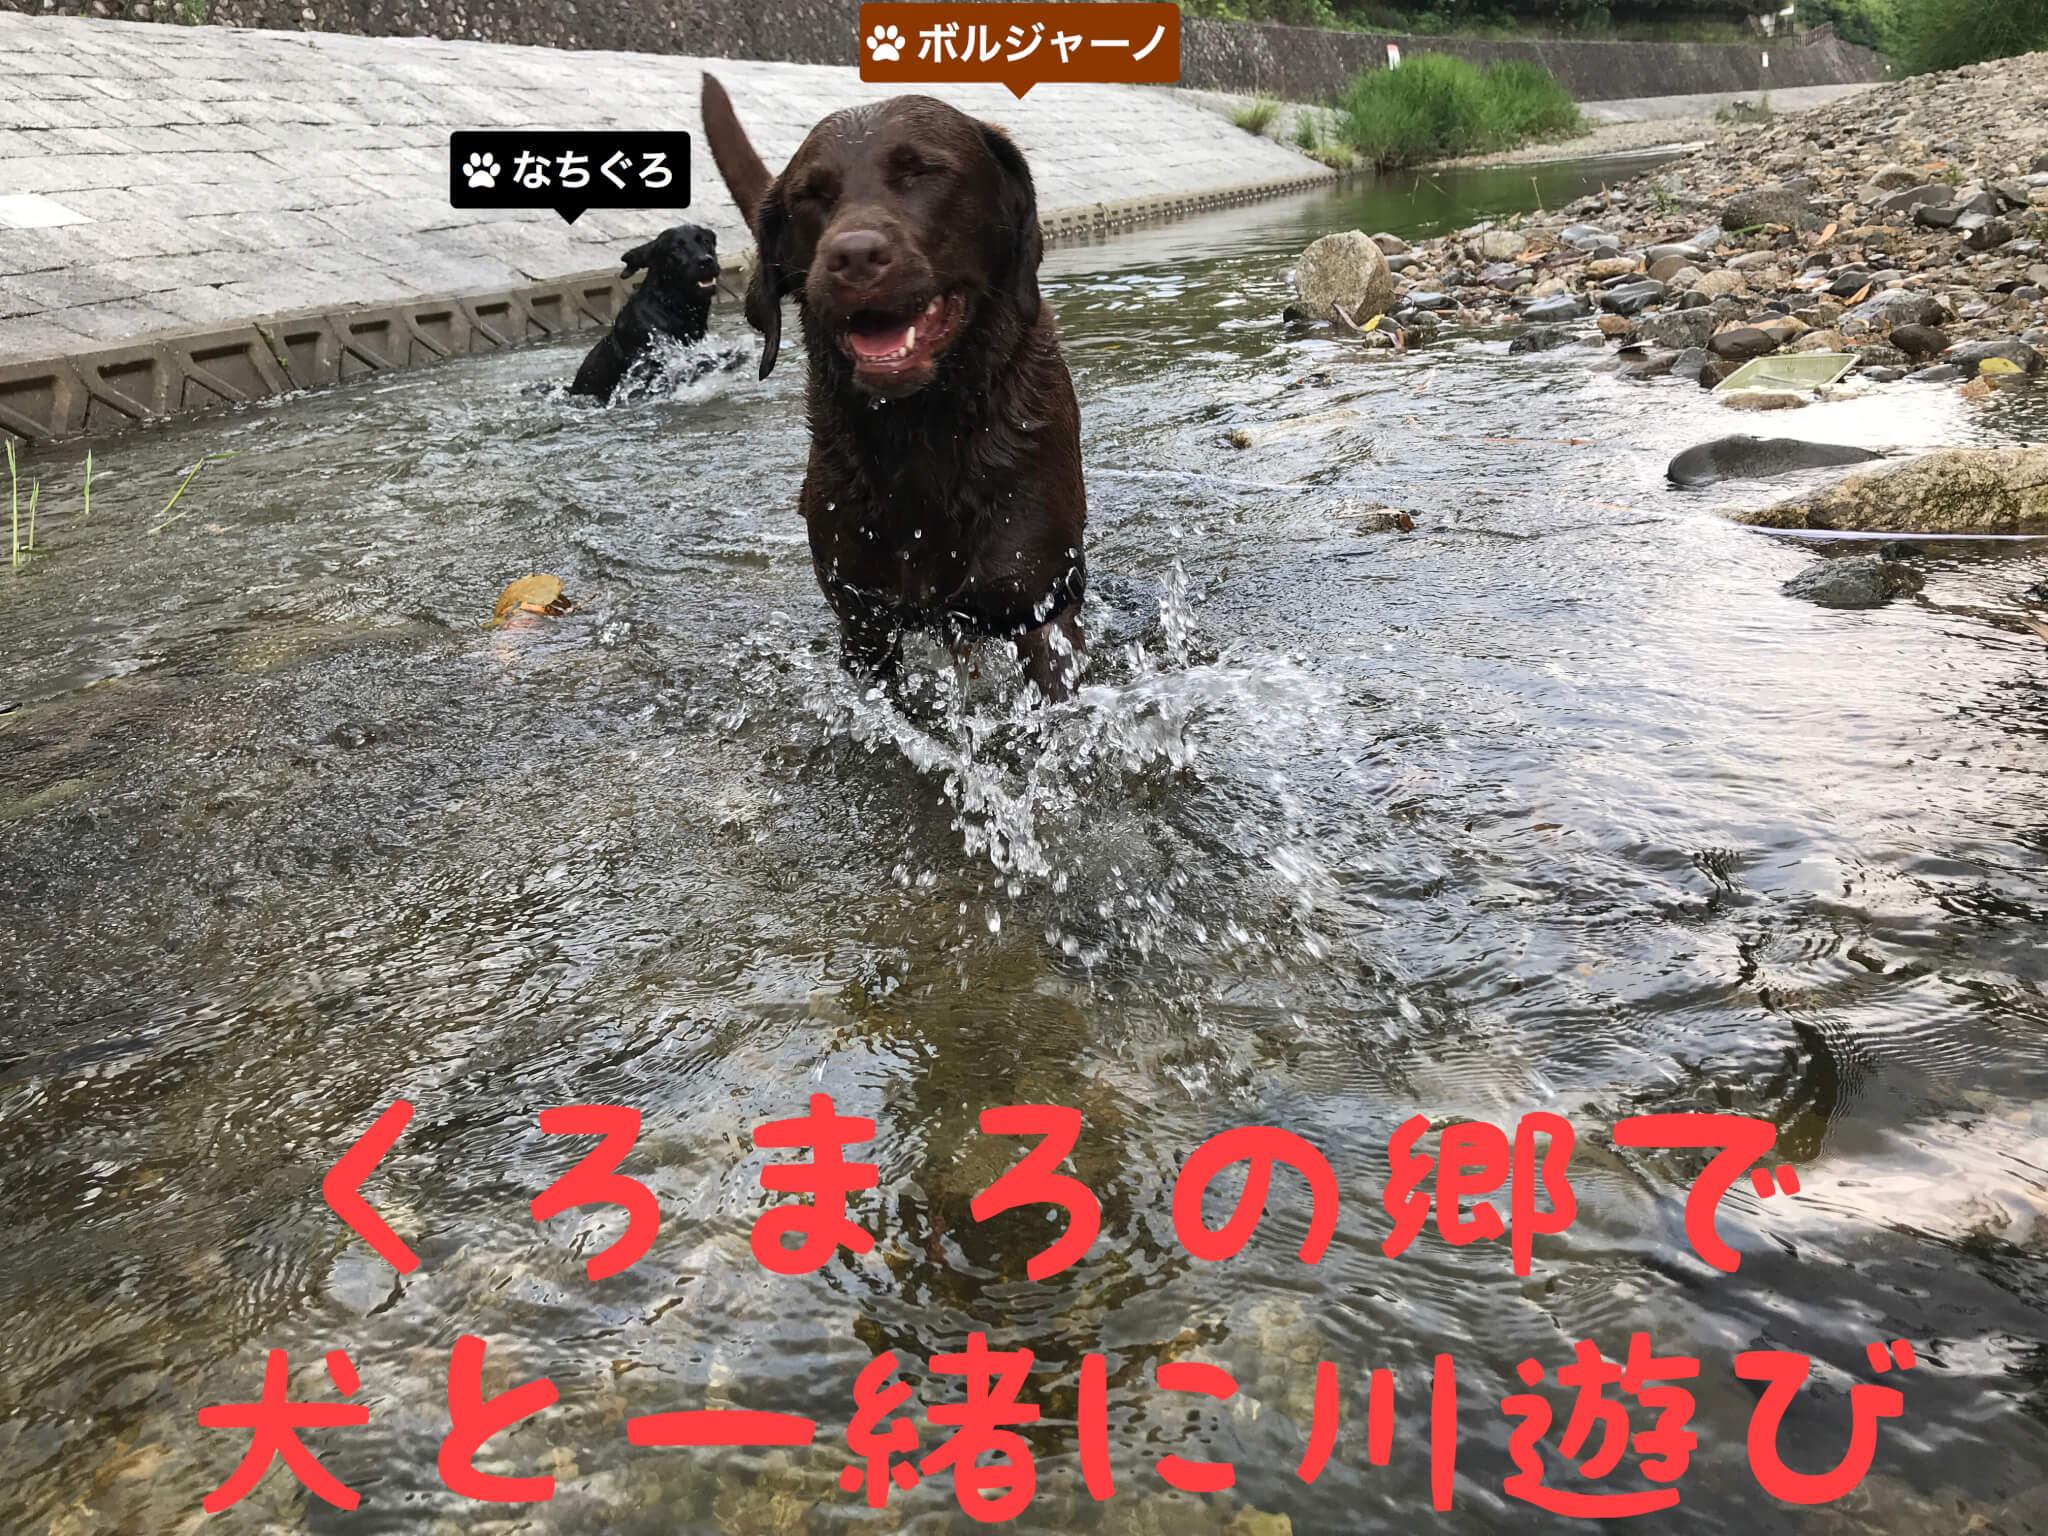 くろまろの郷で犬と一緒に川遊び ラブラドールレトリバー ボルジャーノ なちぐろ